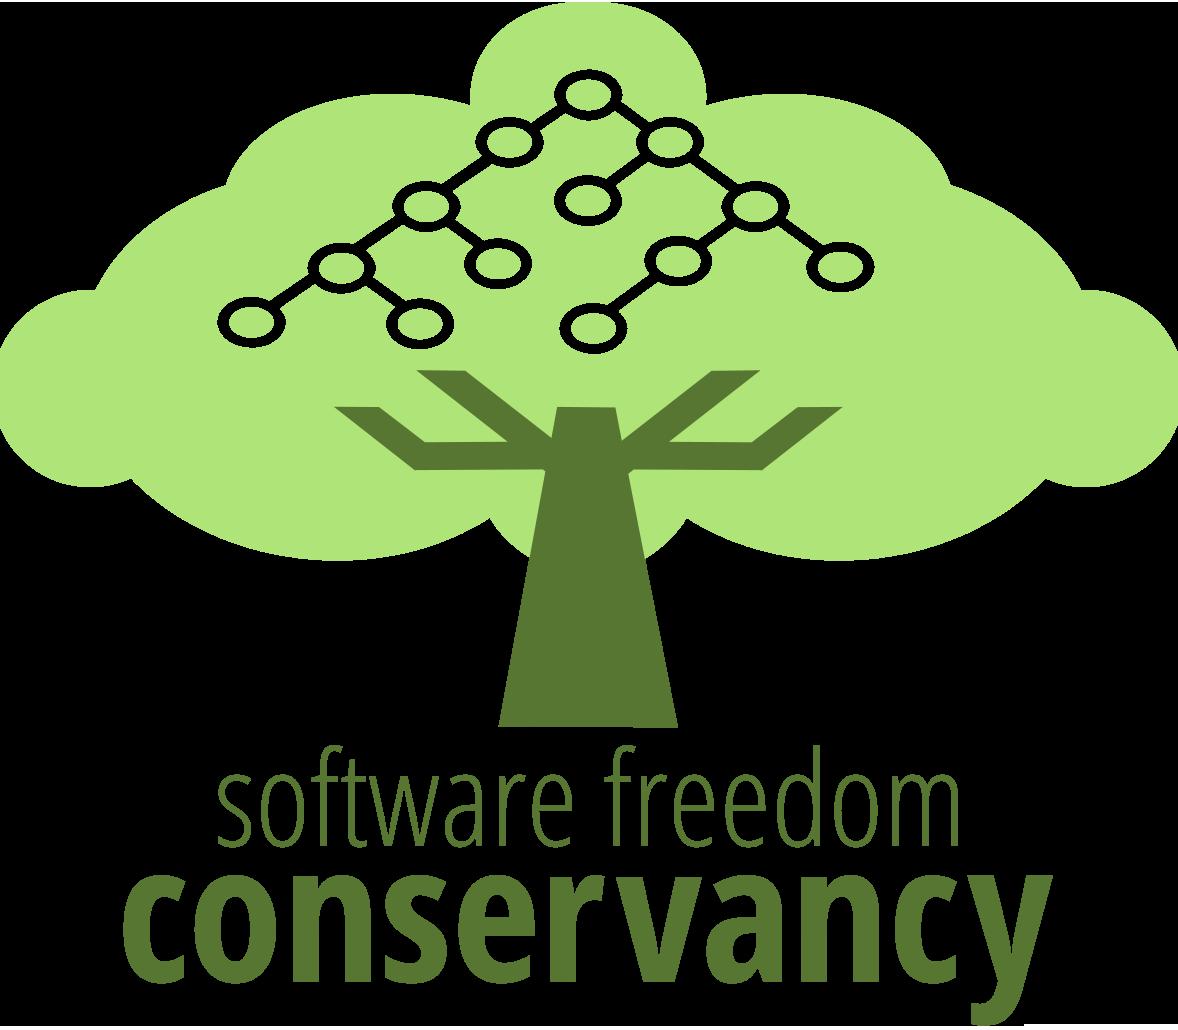 不求钱财只为源码,软件自由保护协会起诉知名电视品牌 GPL 违规